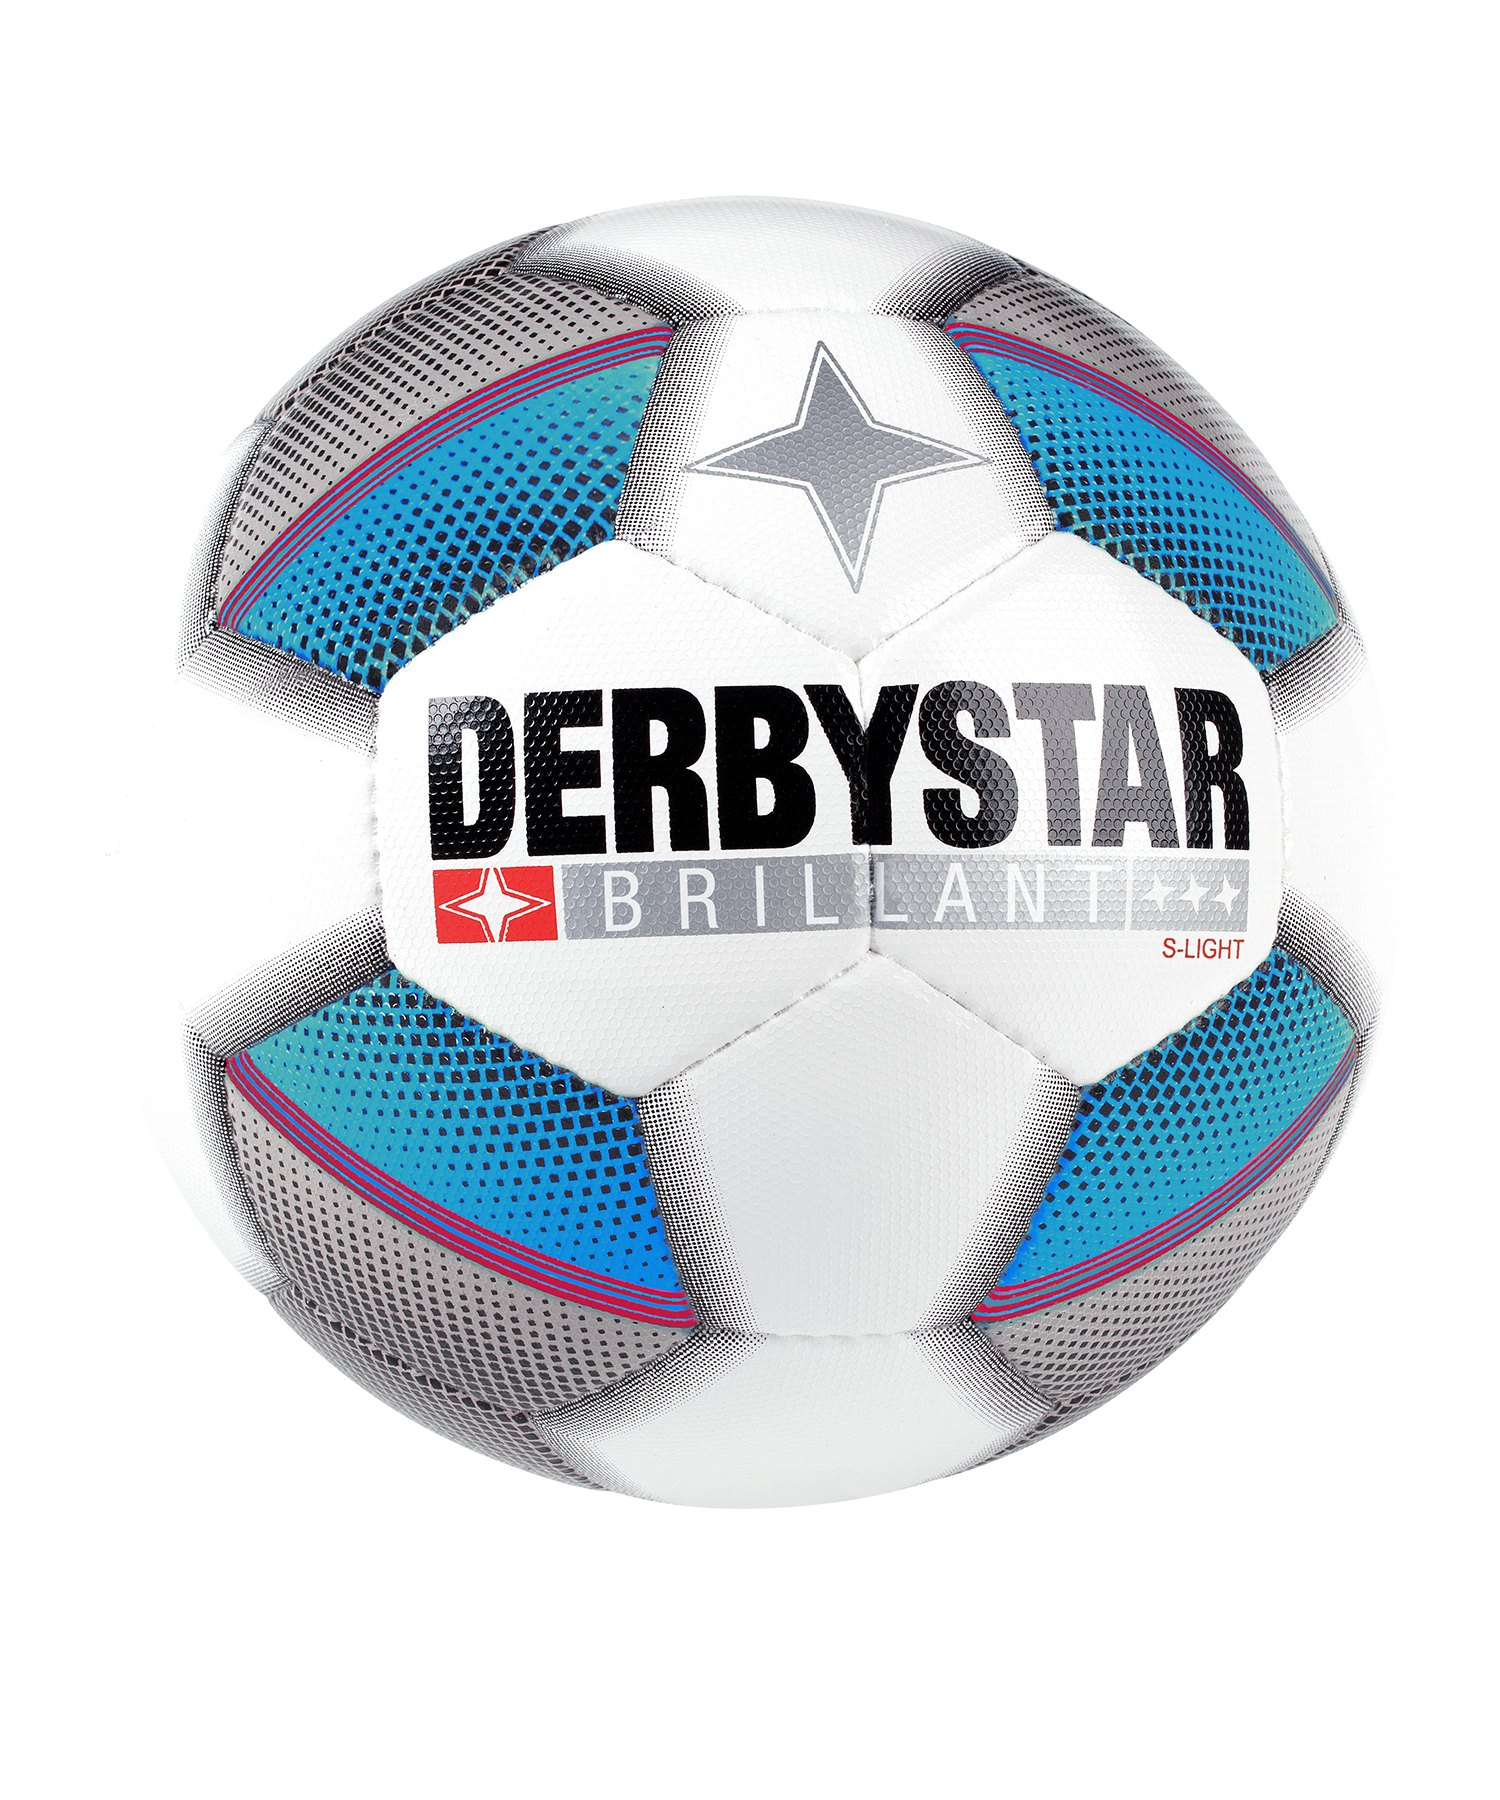 Derbystar Brillant S- Light Trainingsball F162 - weiss